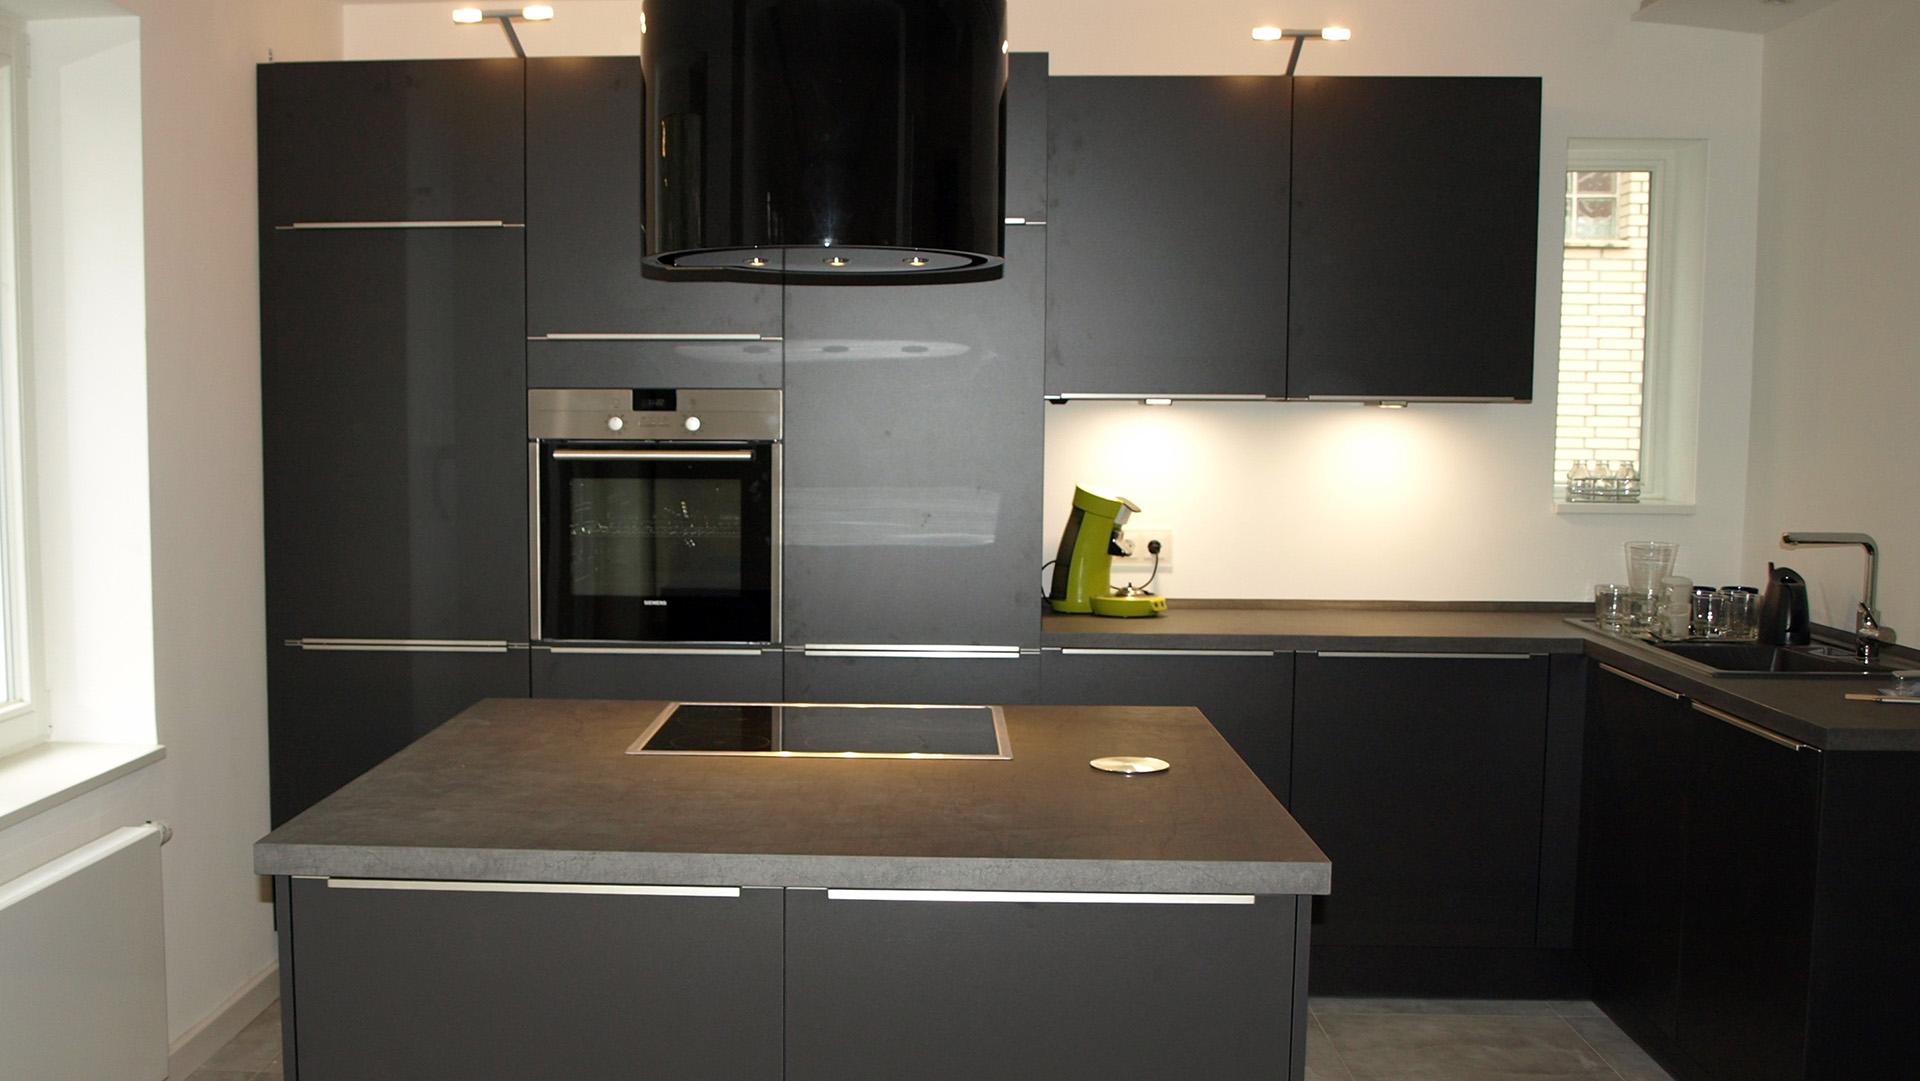 Architektin für Wedel und Hamburg - Küche